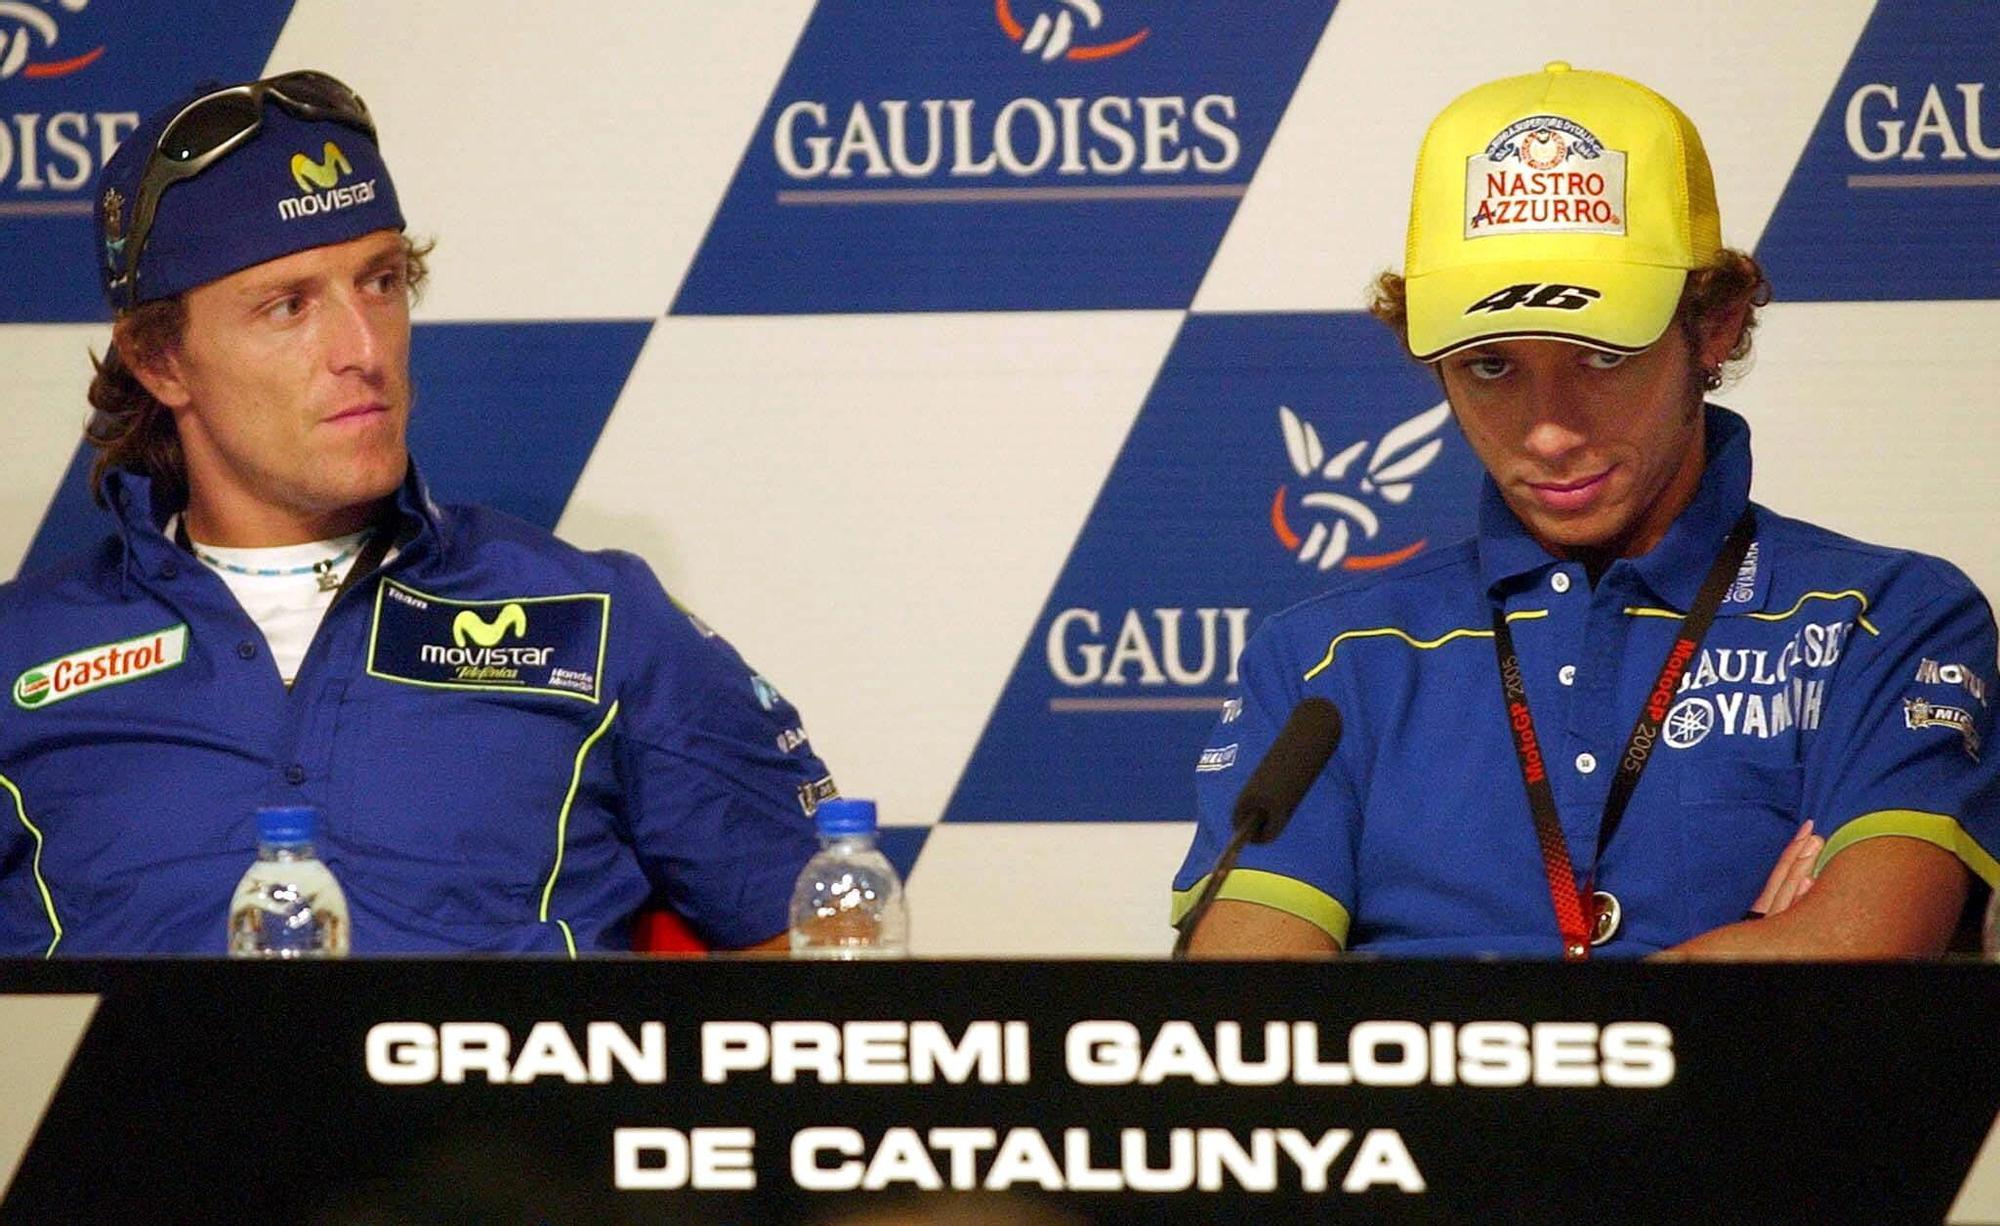 Las mejores imágenes de la carrera deportiva de Valentino Rossi